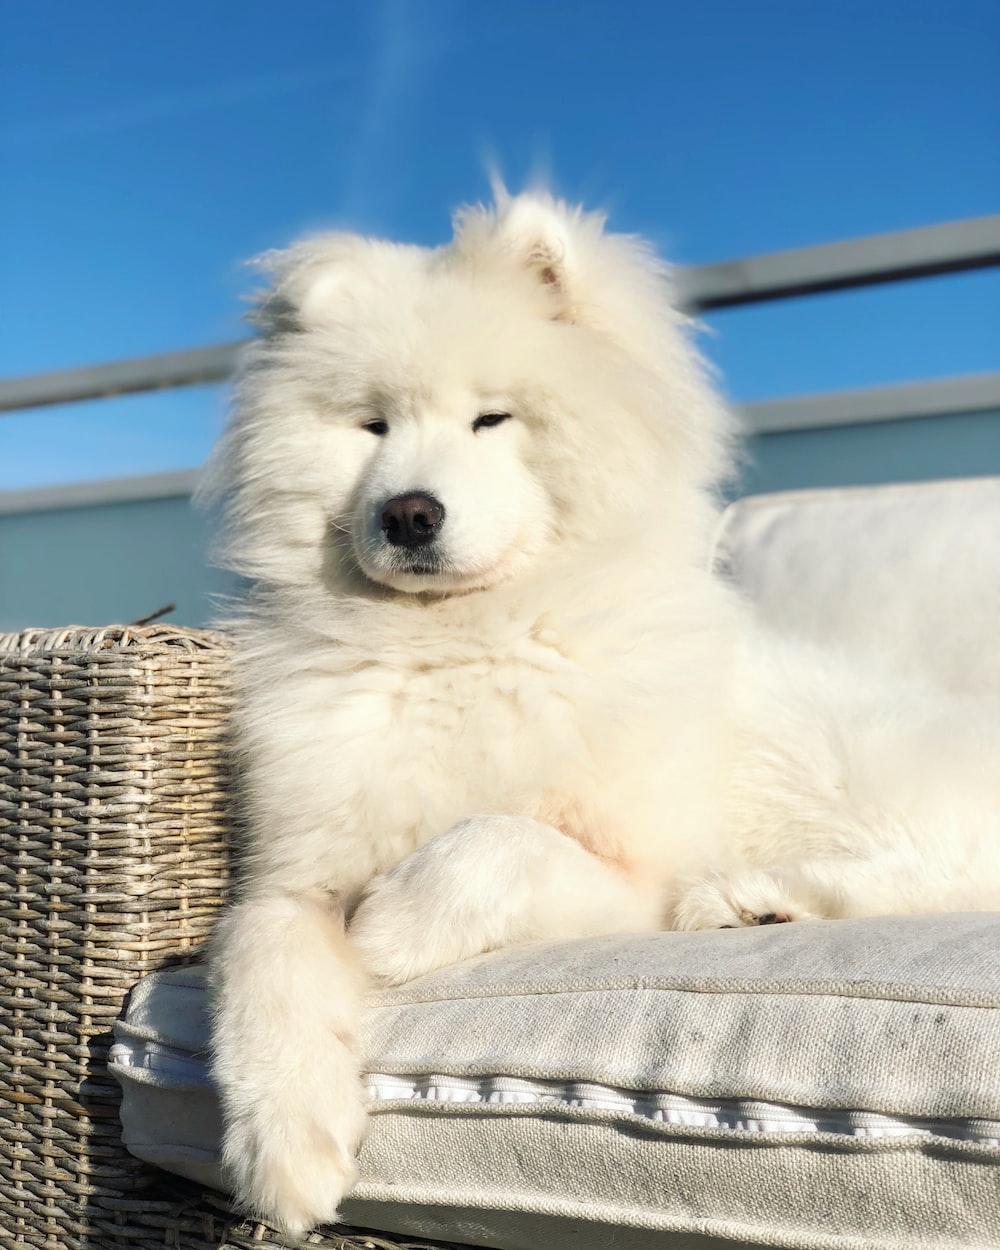 long-coated white dog on sofa